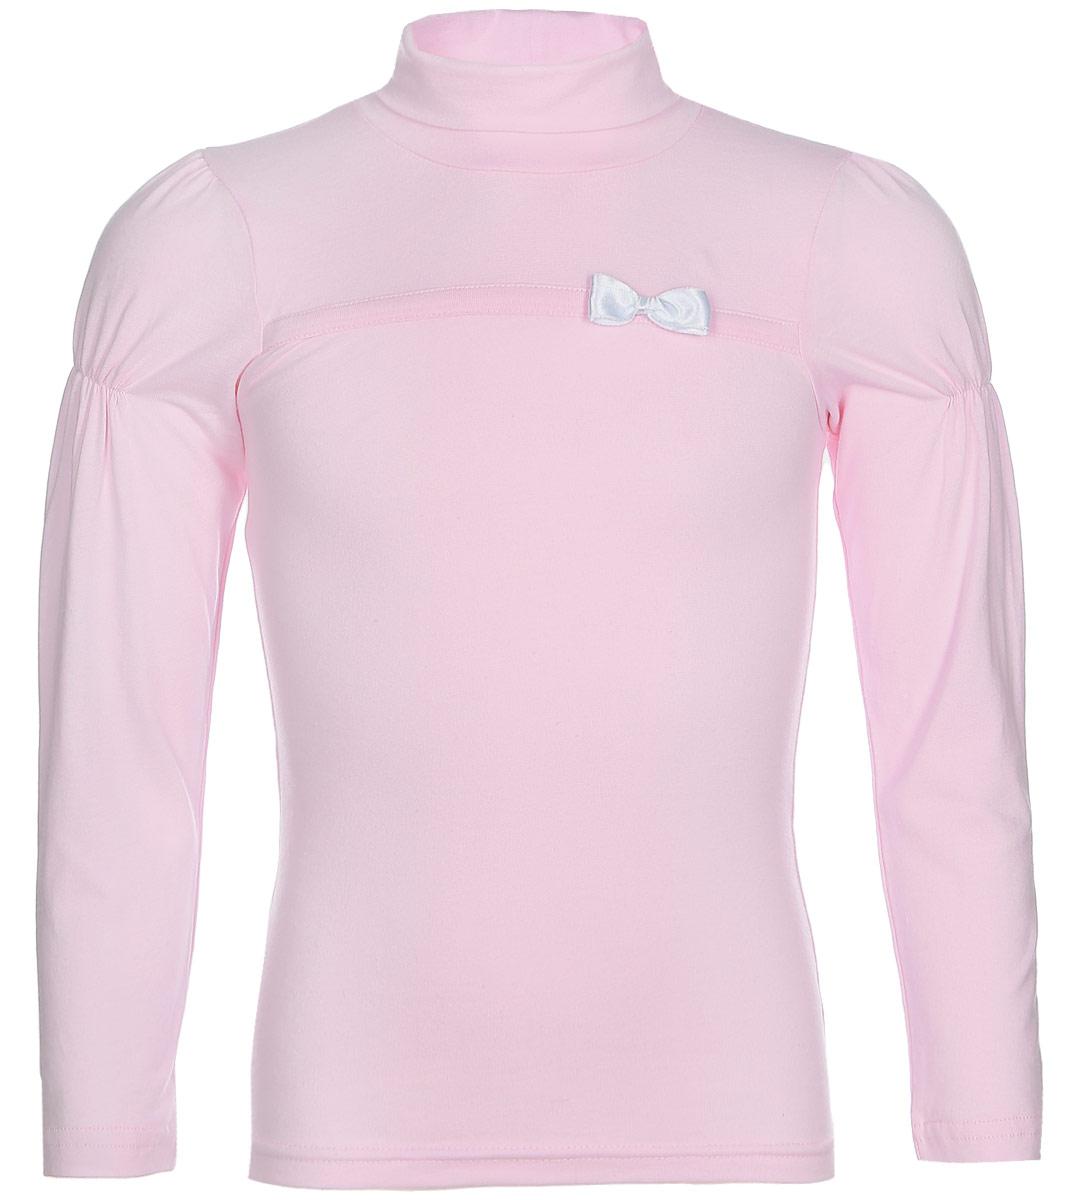 Водолазка для девочки LeadGen, цвет: розовый. G935006616-172. Размер 170G935006616-172Водолазка для девочки LeadGen выполнена из эластичного хлопкового трикотажа. Модель с длинными рукавами и воротником-гольф на груди оформлена лаконичным бантиком. Рукава на плечах присборены.